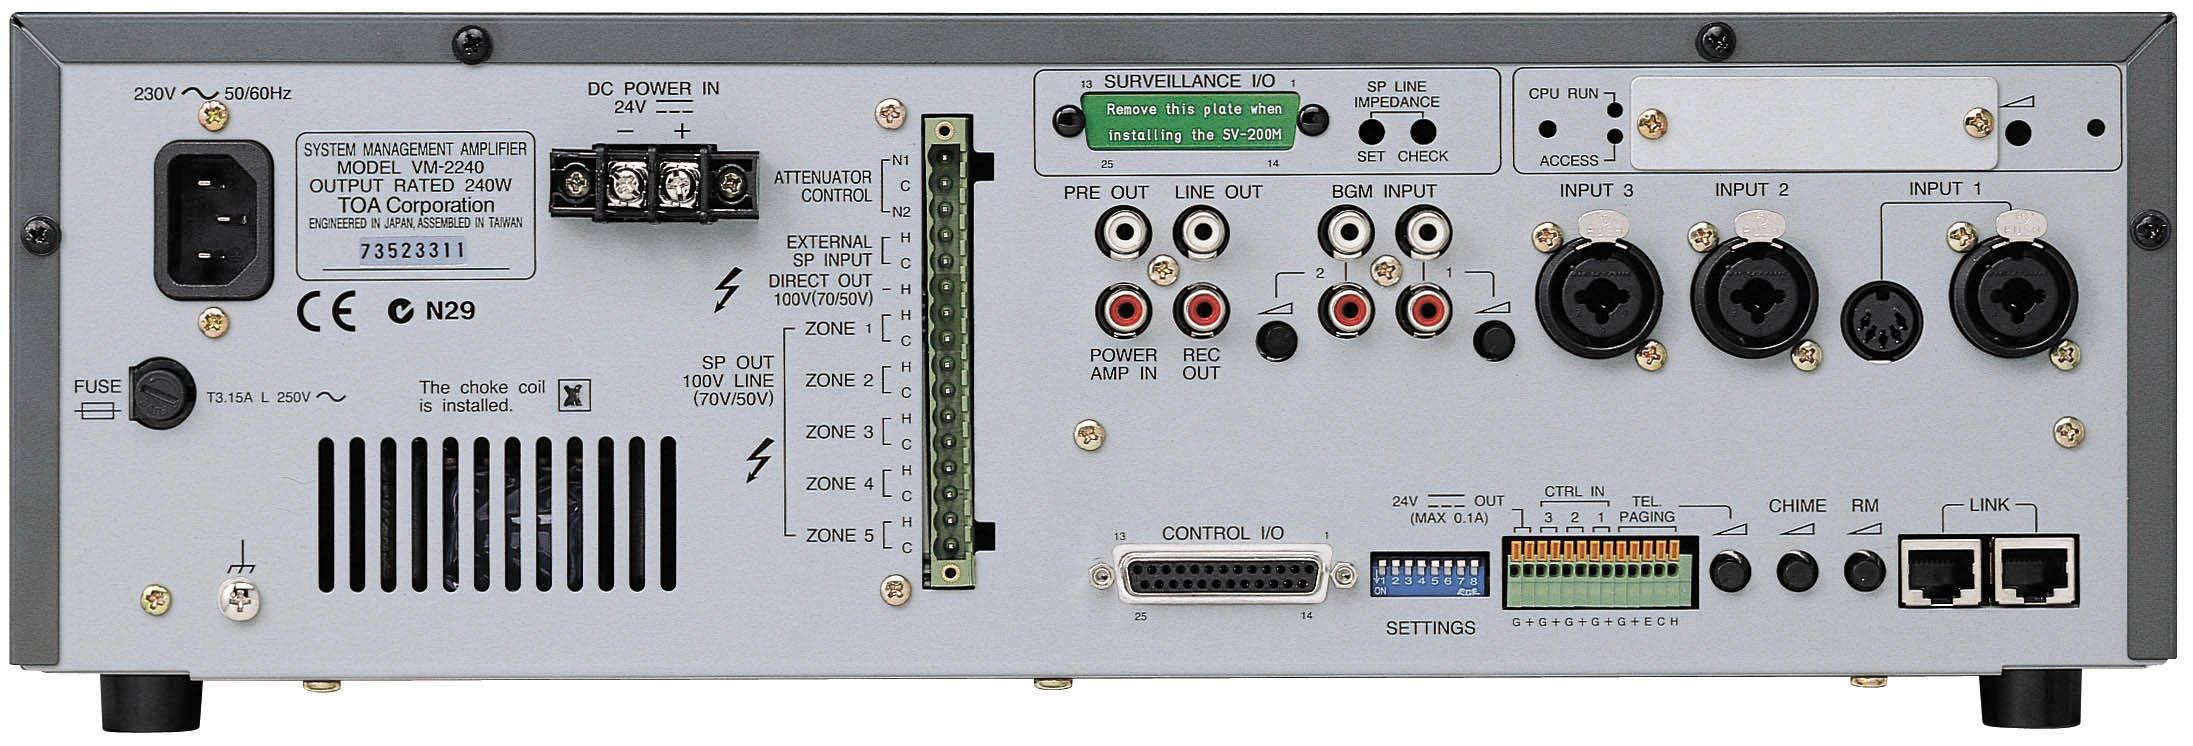 Bộ thông báo 5 vùng 240W: TOA VM-2240